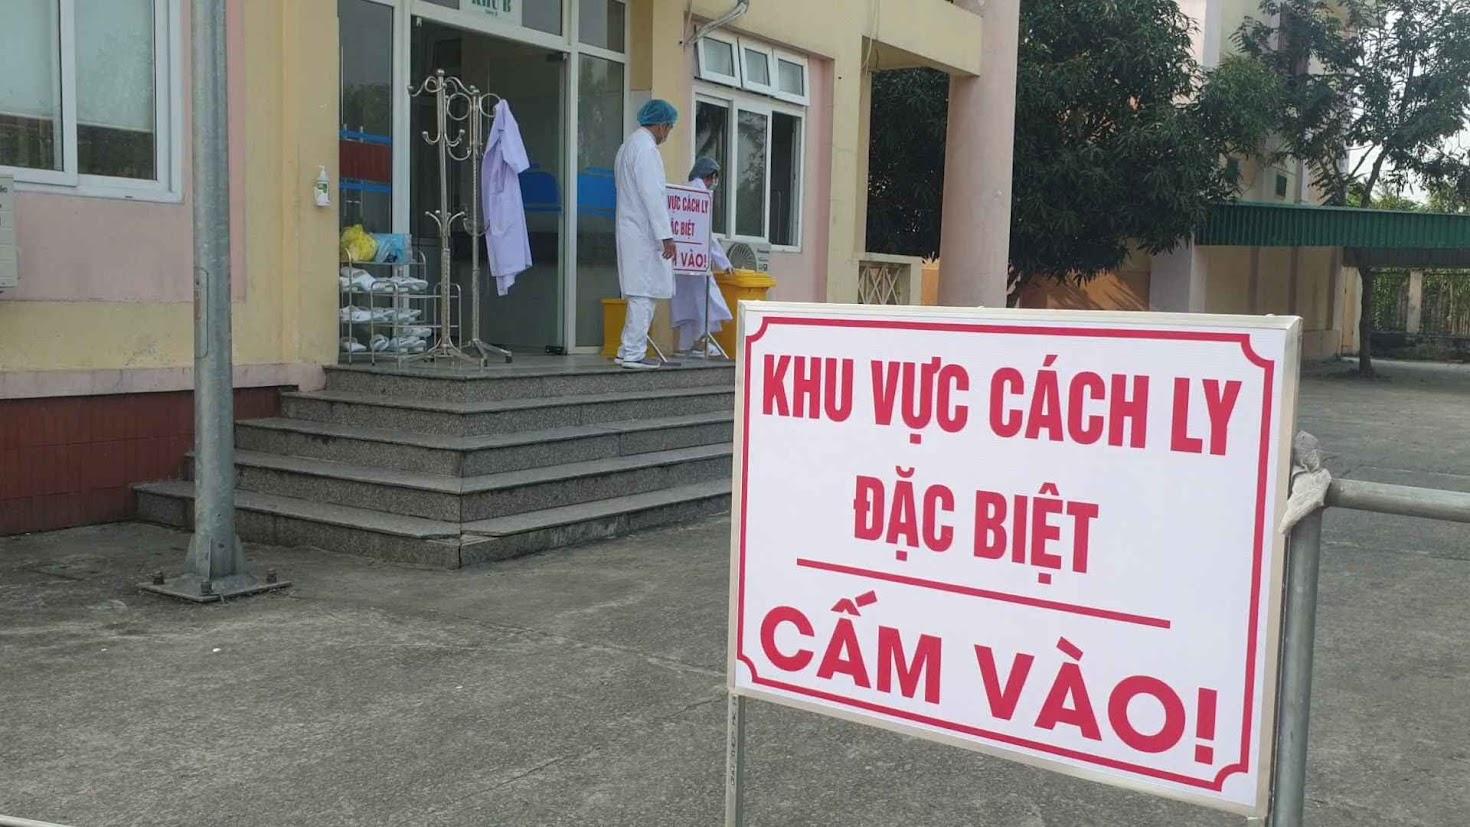 Khu vực cách ly bệnh nhân nghi nhiễm Corona tại Nghệ An